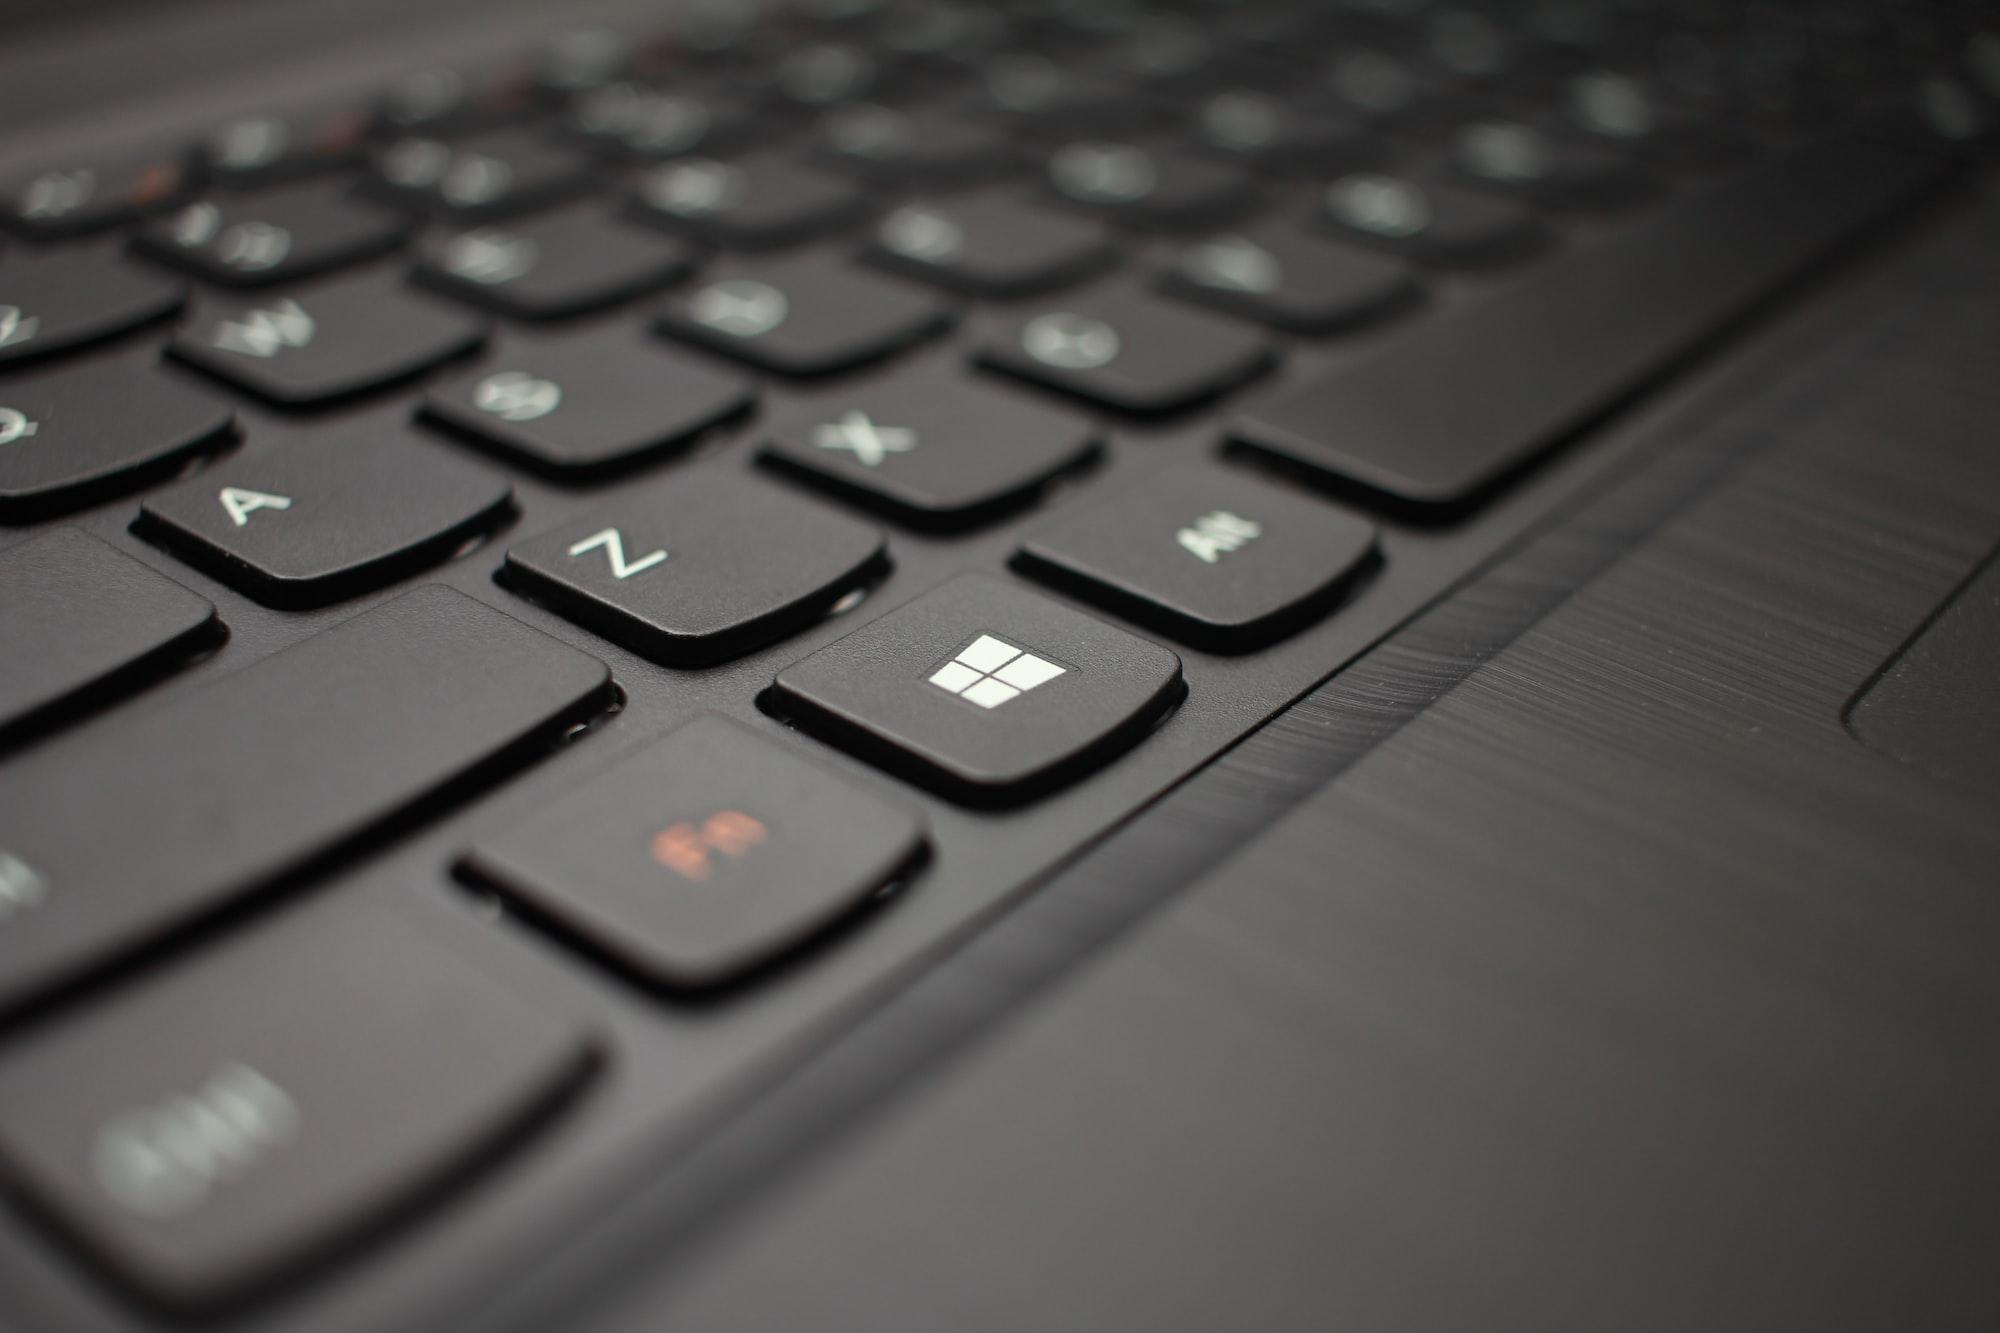 Windows - Cmder alias command